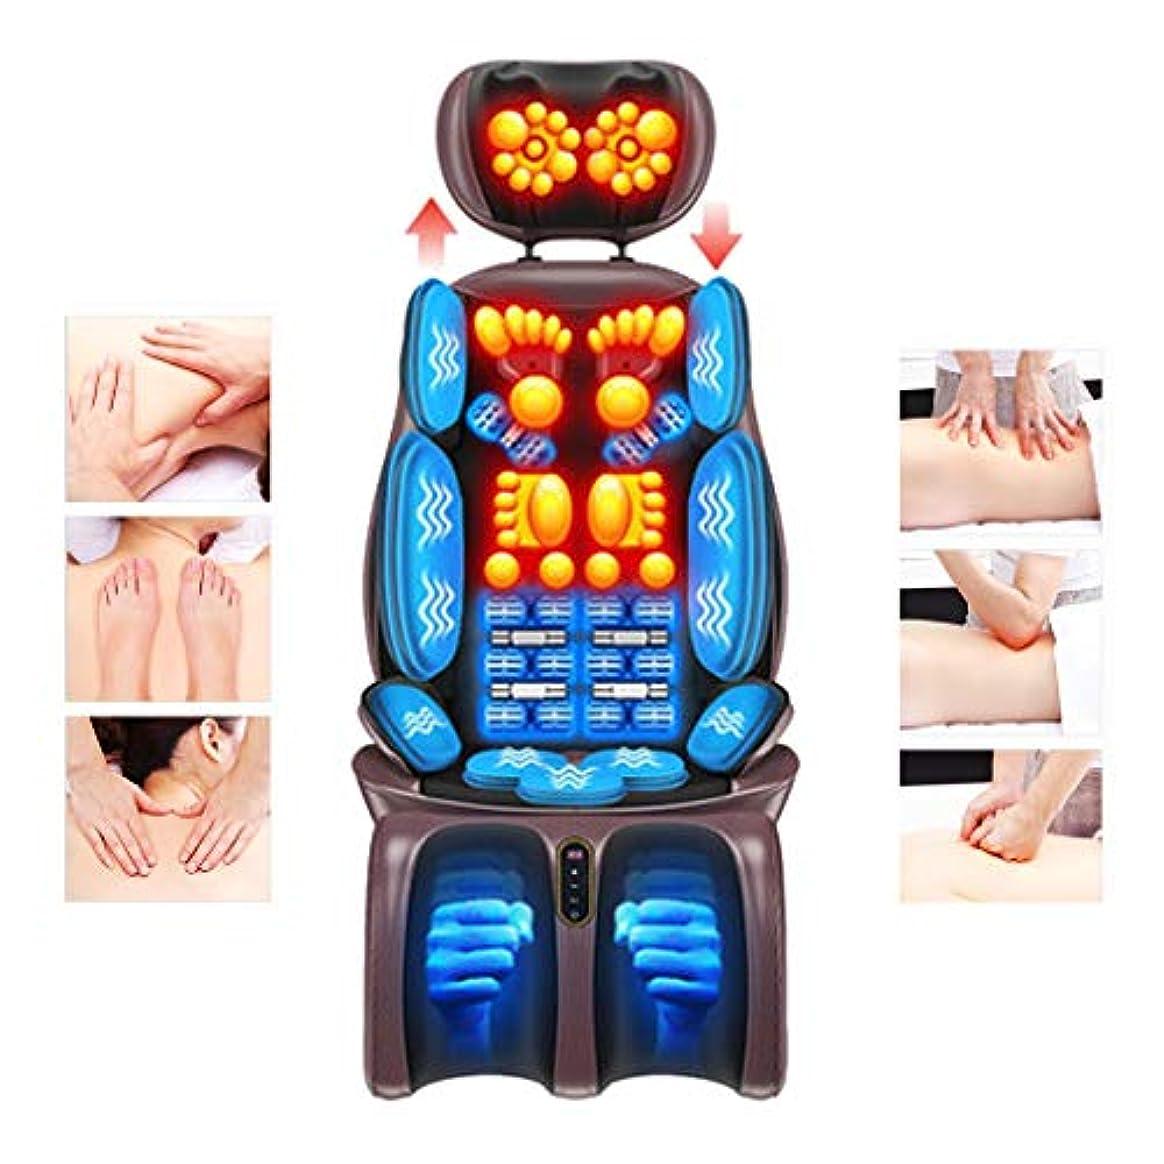 他の場所裏切り者気怠いマッサージチェアクッション、バックマッサージャーマッサージチェアシートクッション(熱および振動機能付き)、背中の肩の筋肉痛を軽減、家庭用、オフィス用